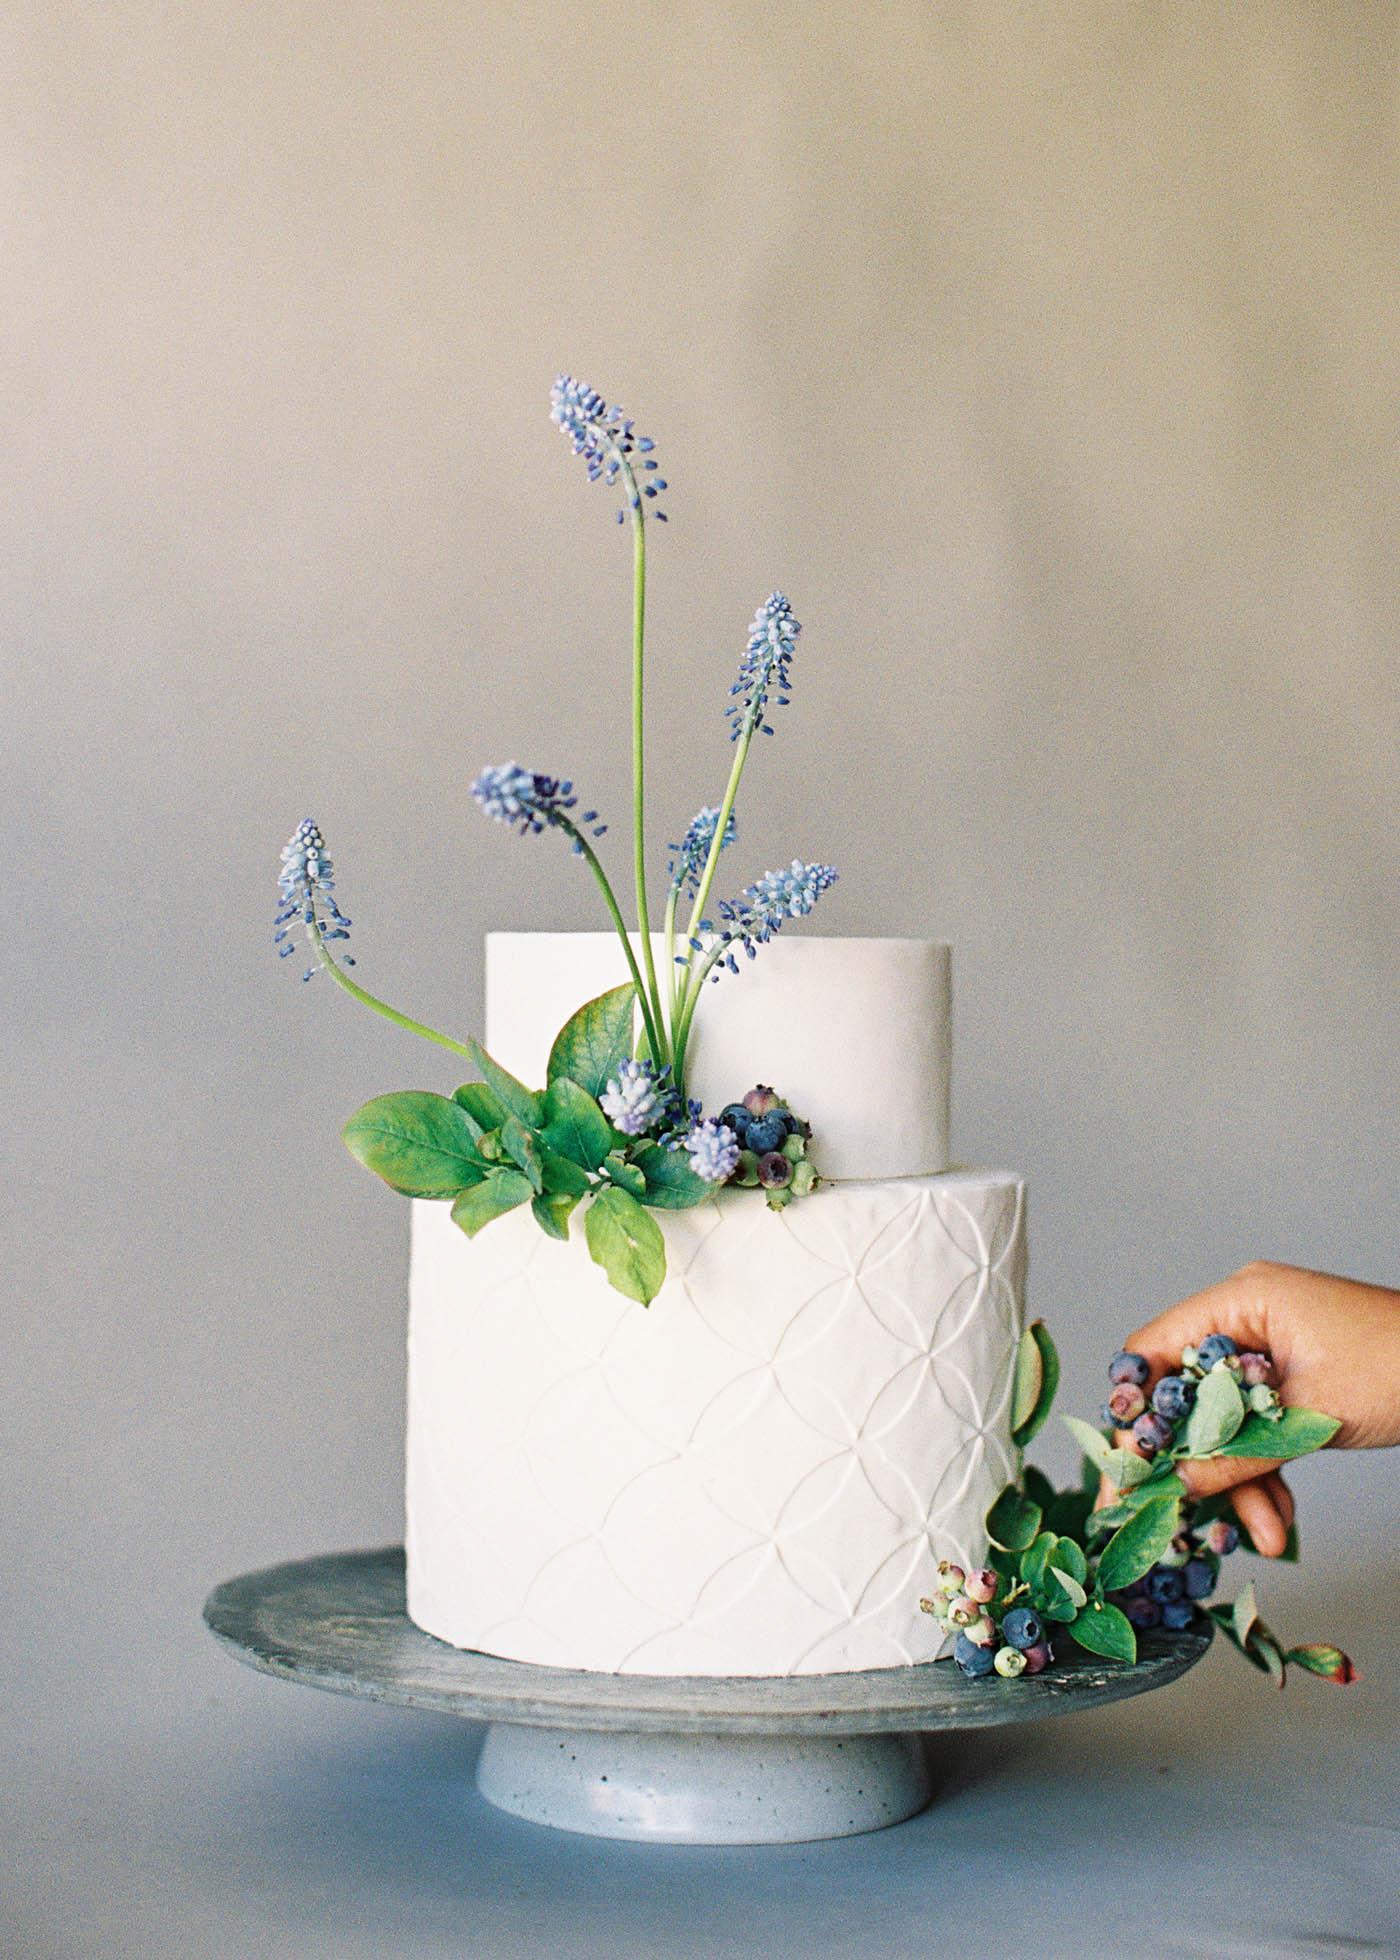 Cake-Favorites-6-Jen_Huang-000485-R1-035-16.jpg